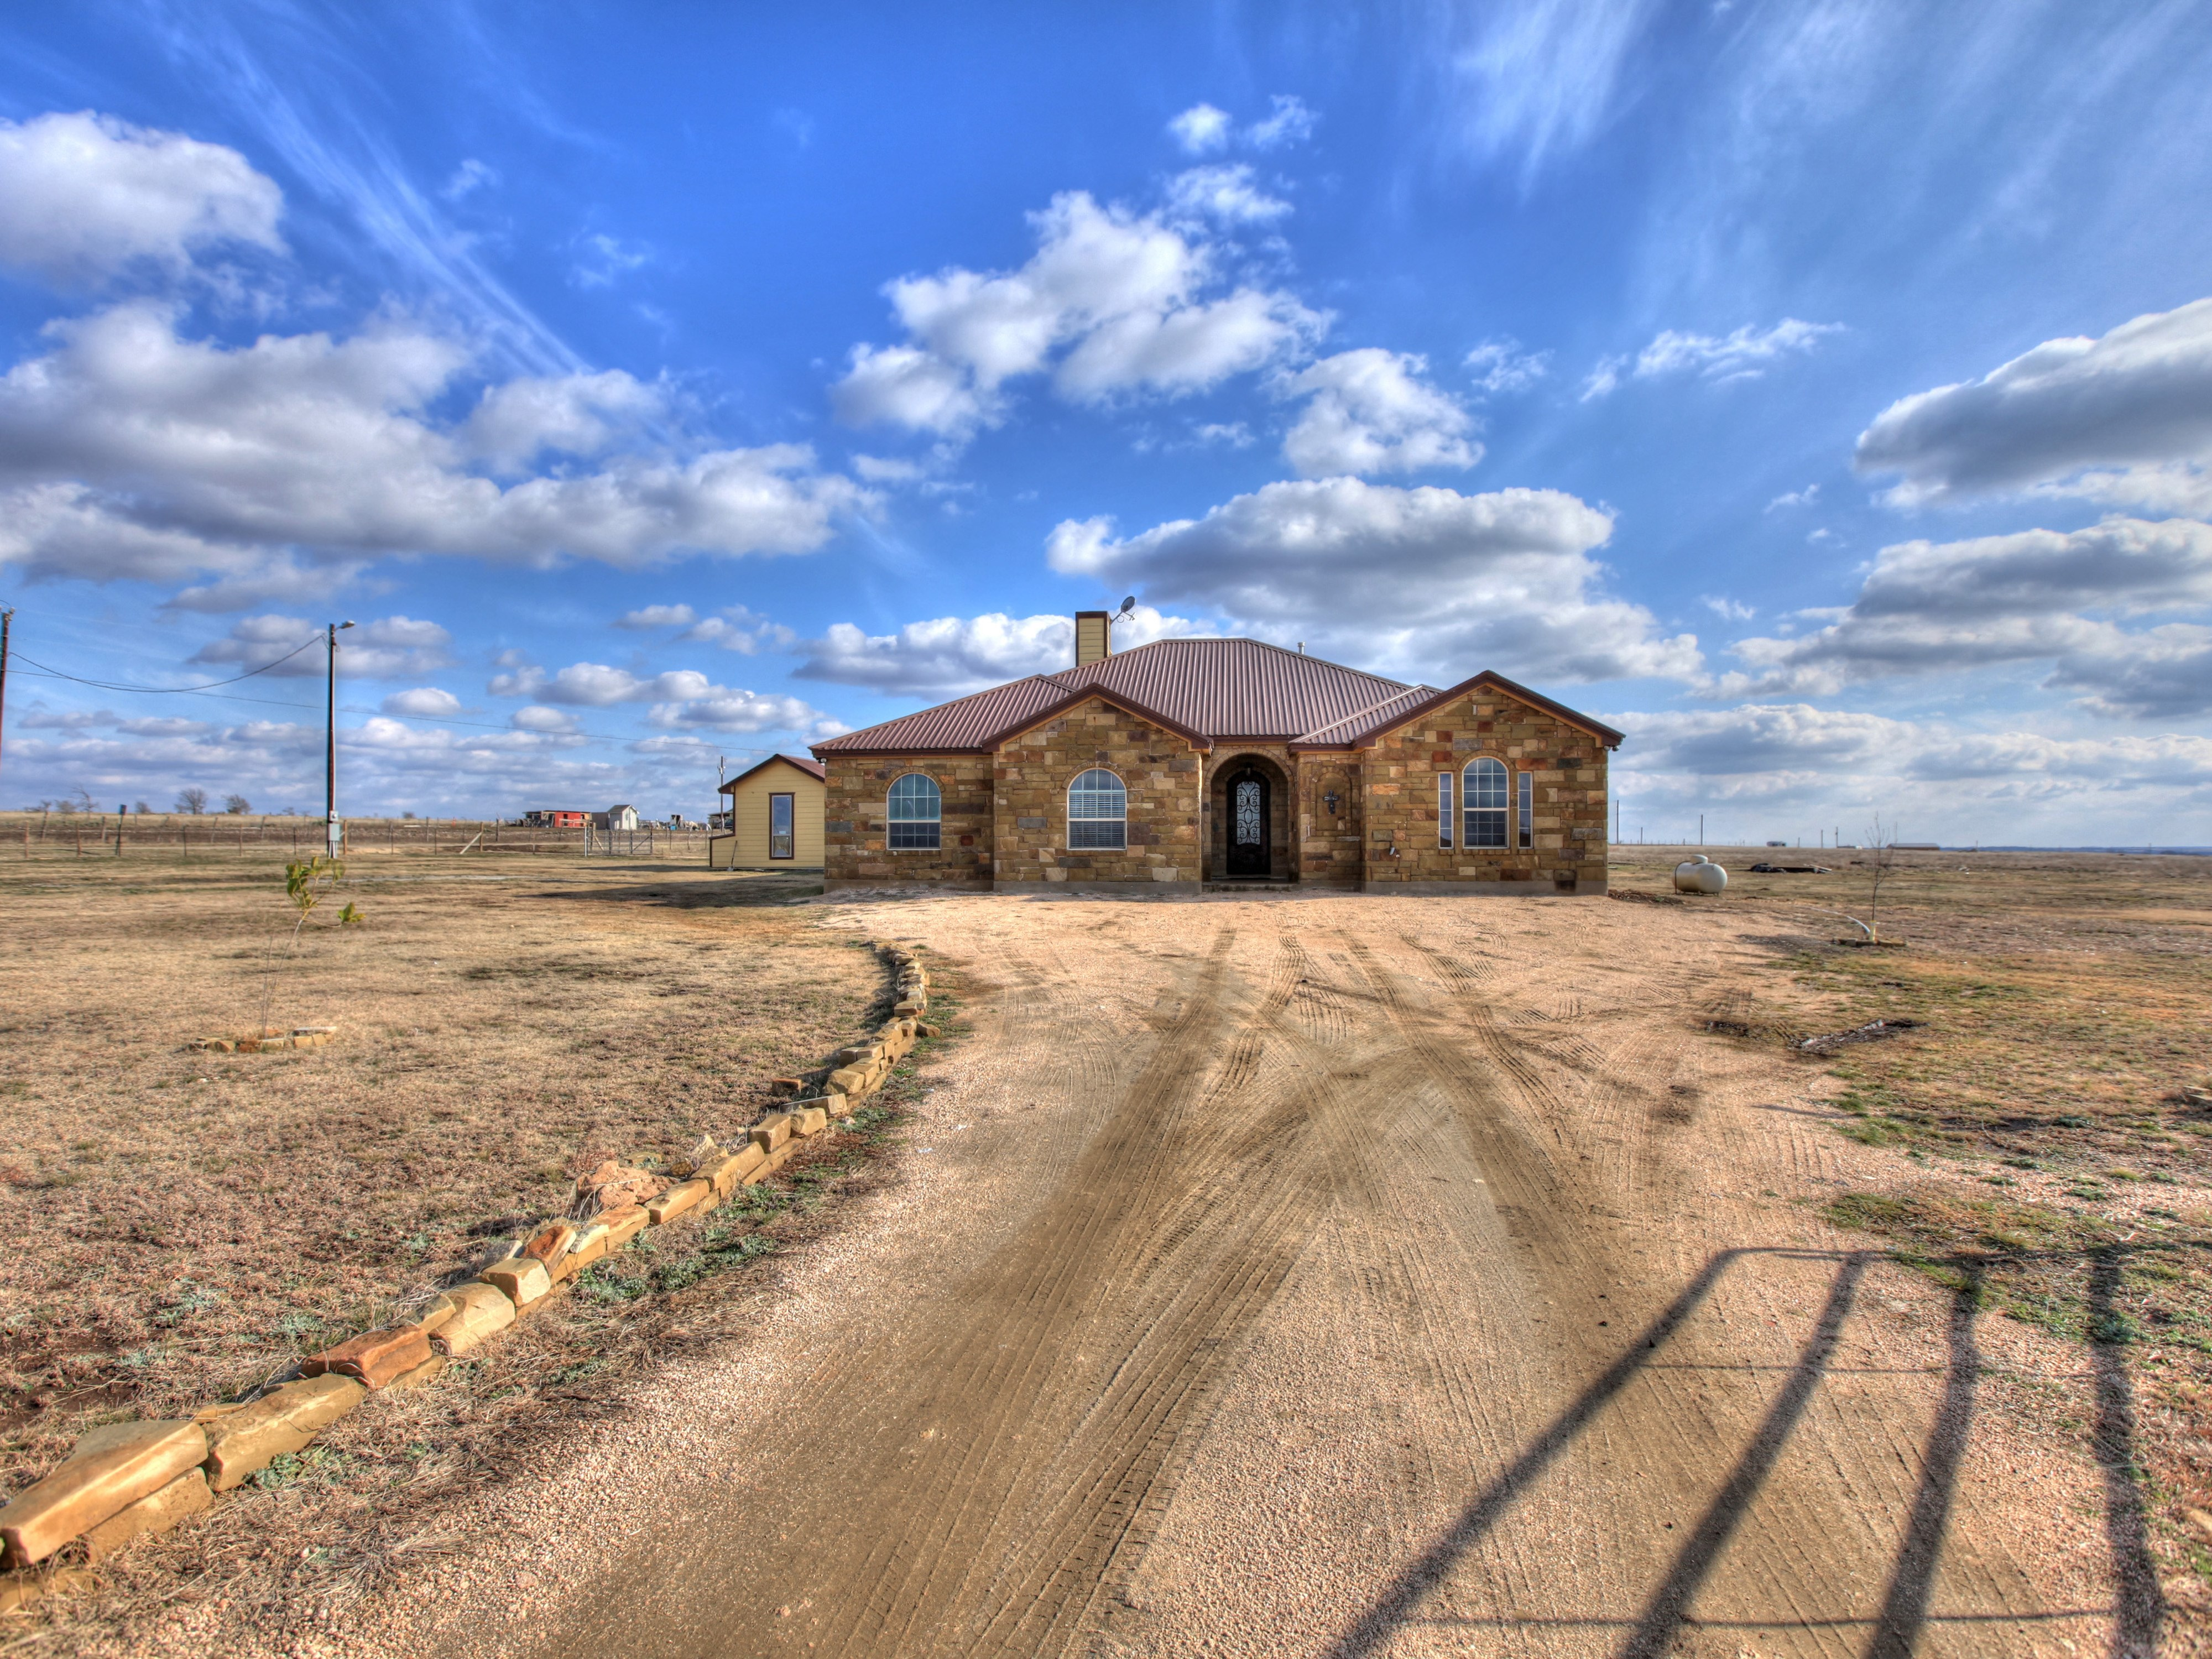 단독 가정 주택 용 매매 에 Custom Built Home on 8 Acres 3935 County Road 211 Bertram, 텍사스 78605 미국